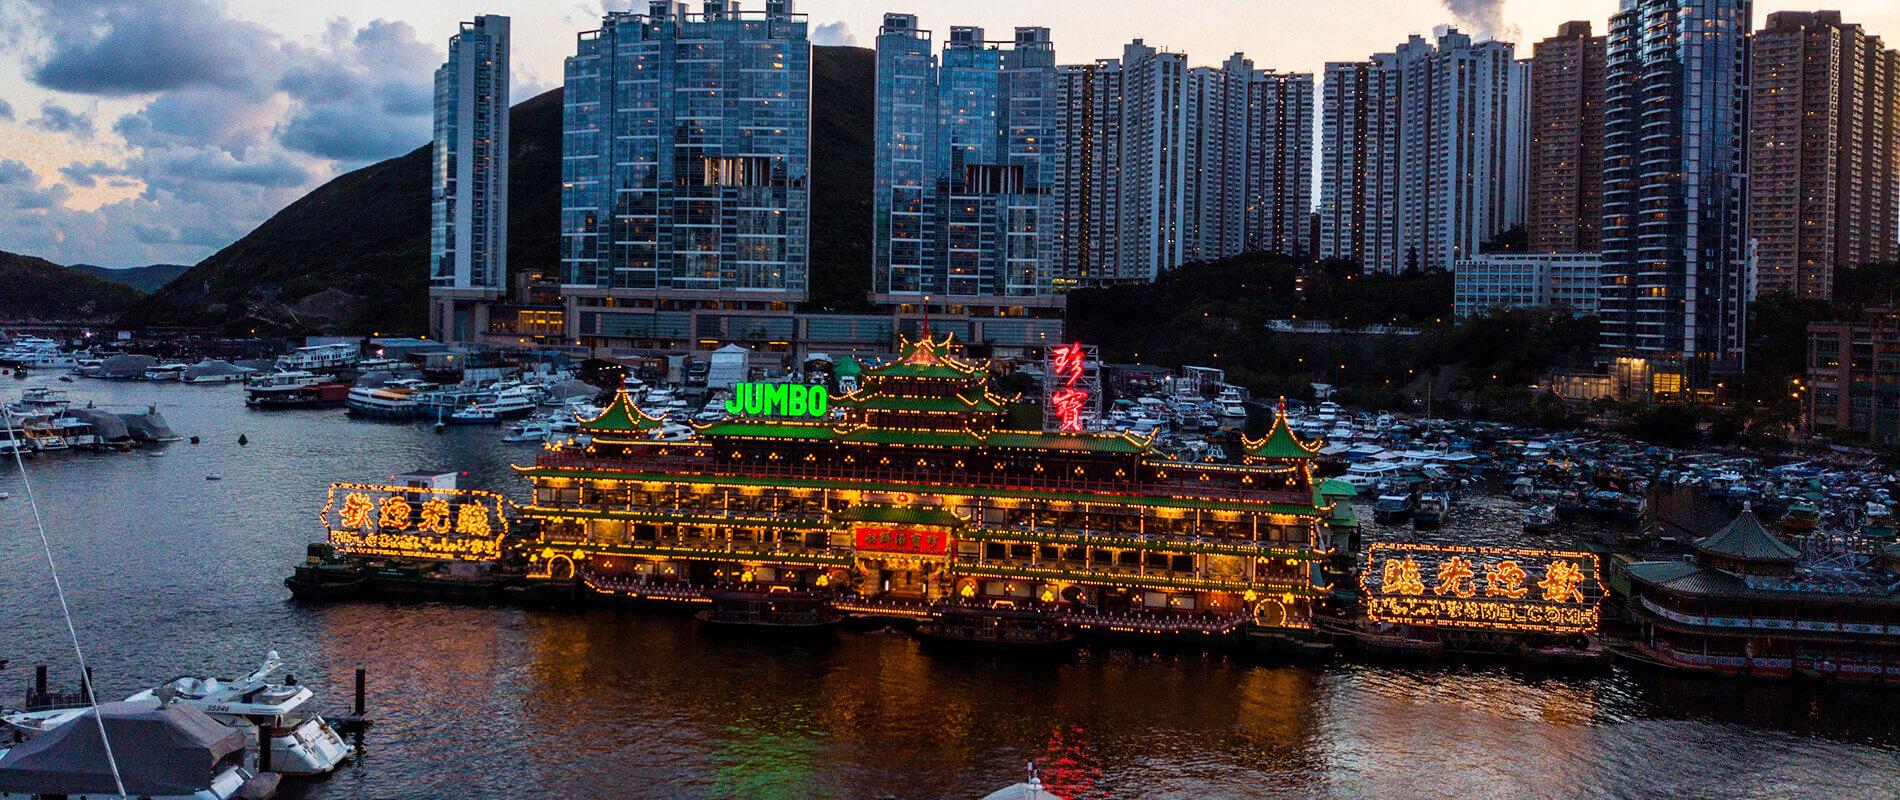 Jumbo Kingdom, il maestoso ristorante galleggiante di Hong Kong